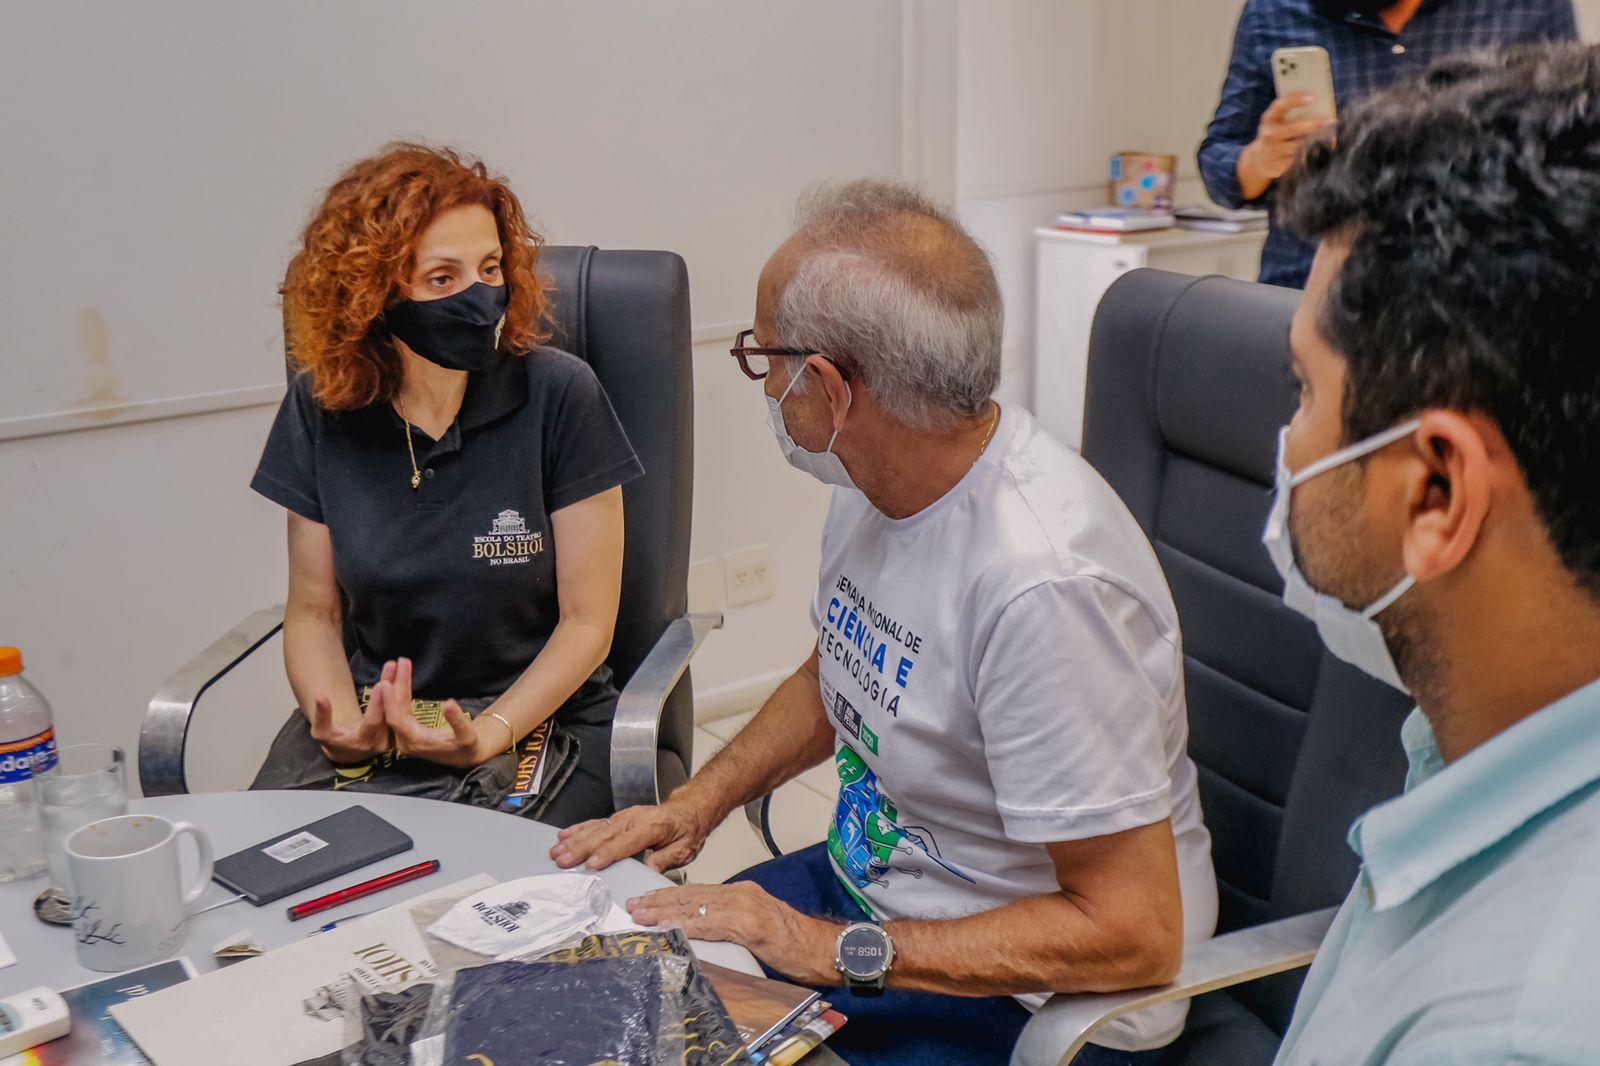 Prefeitura de João Pessoa reabre as portas para a Escola Bolshoi